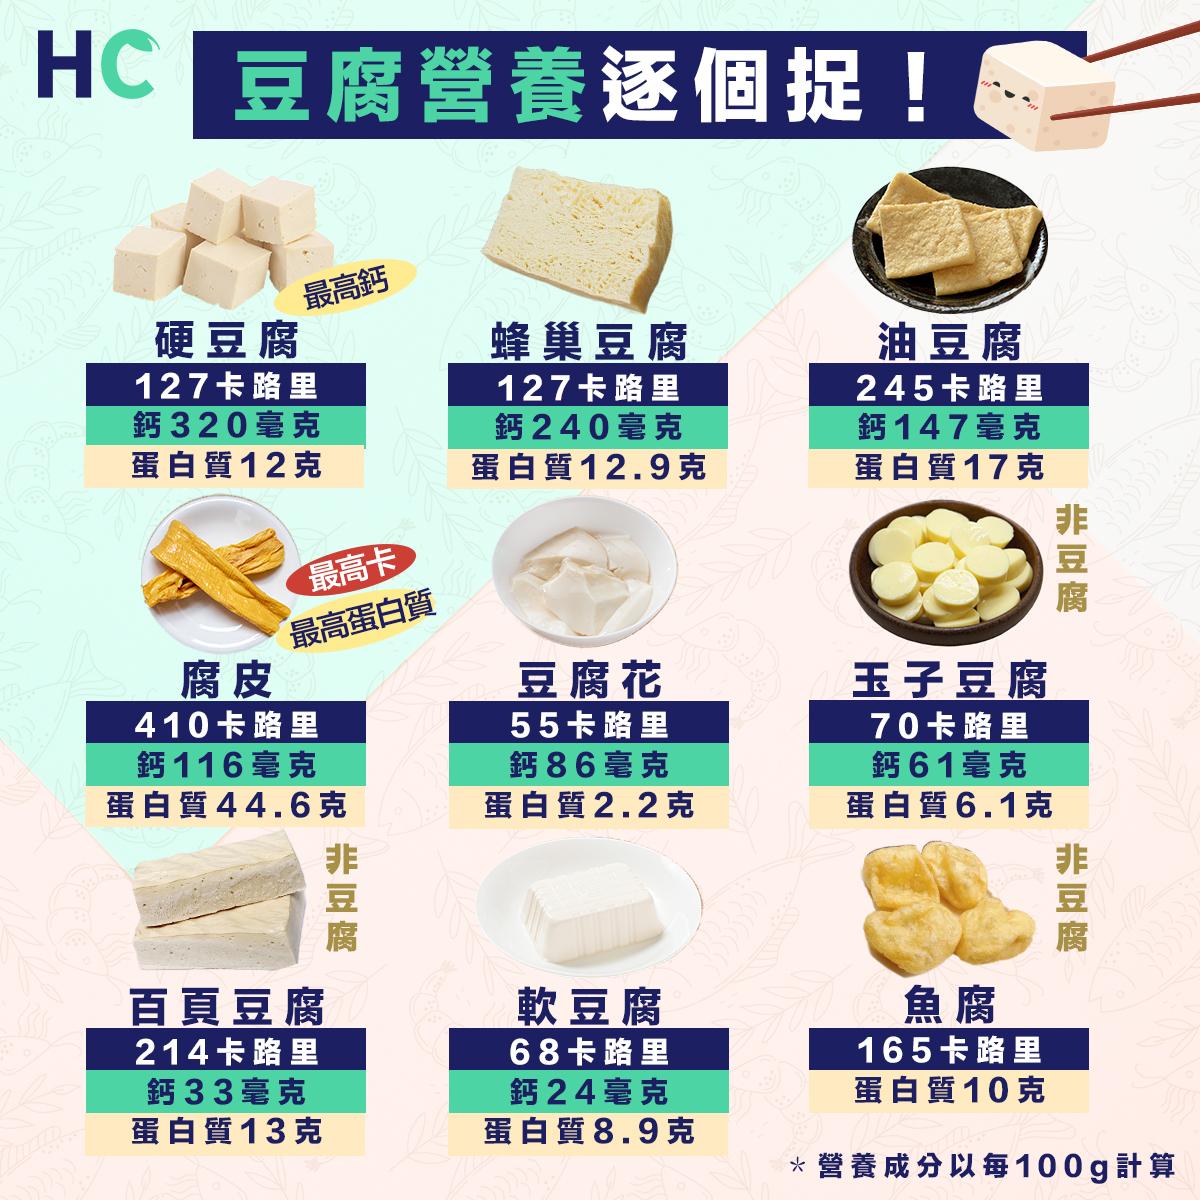 豆腐營養逐個捉 留意「假豆腐」營養